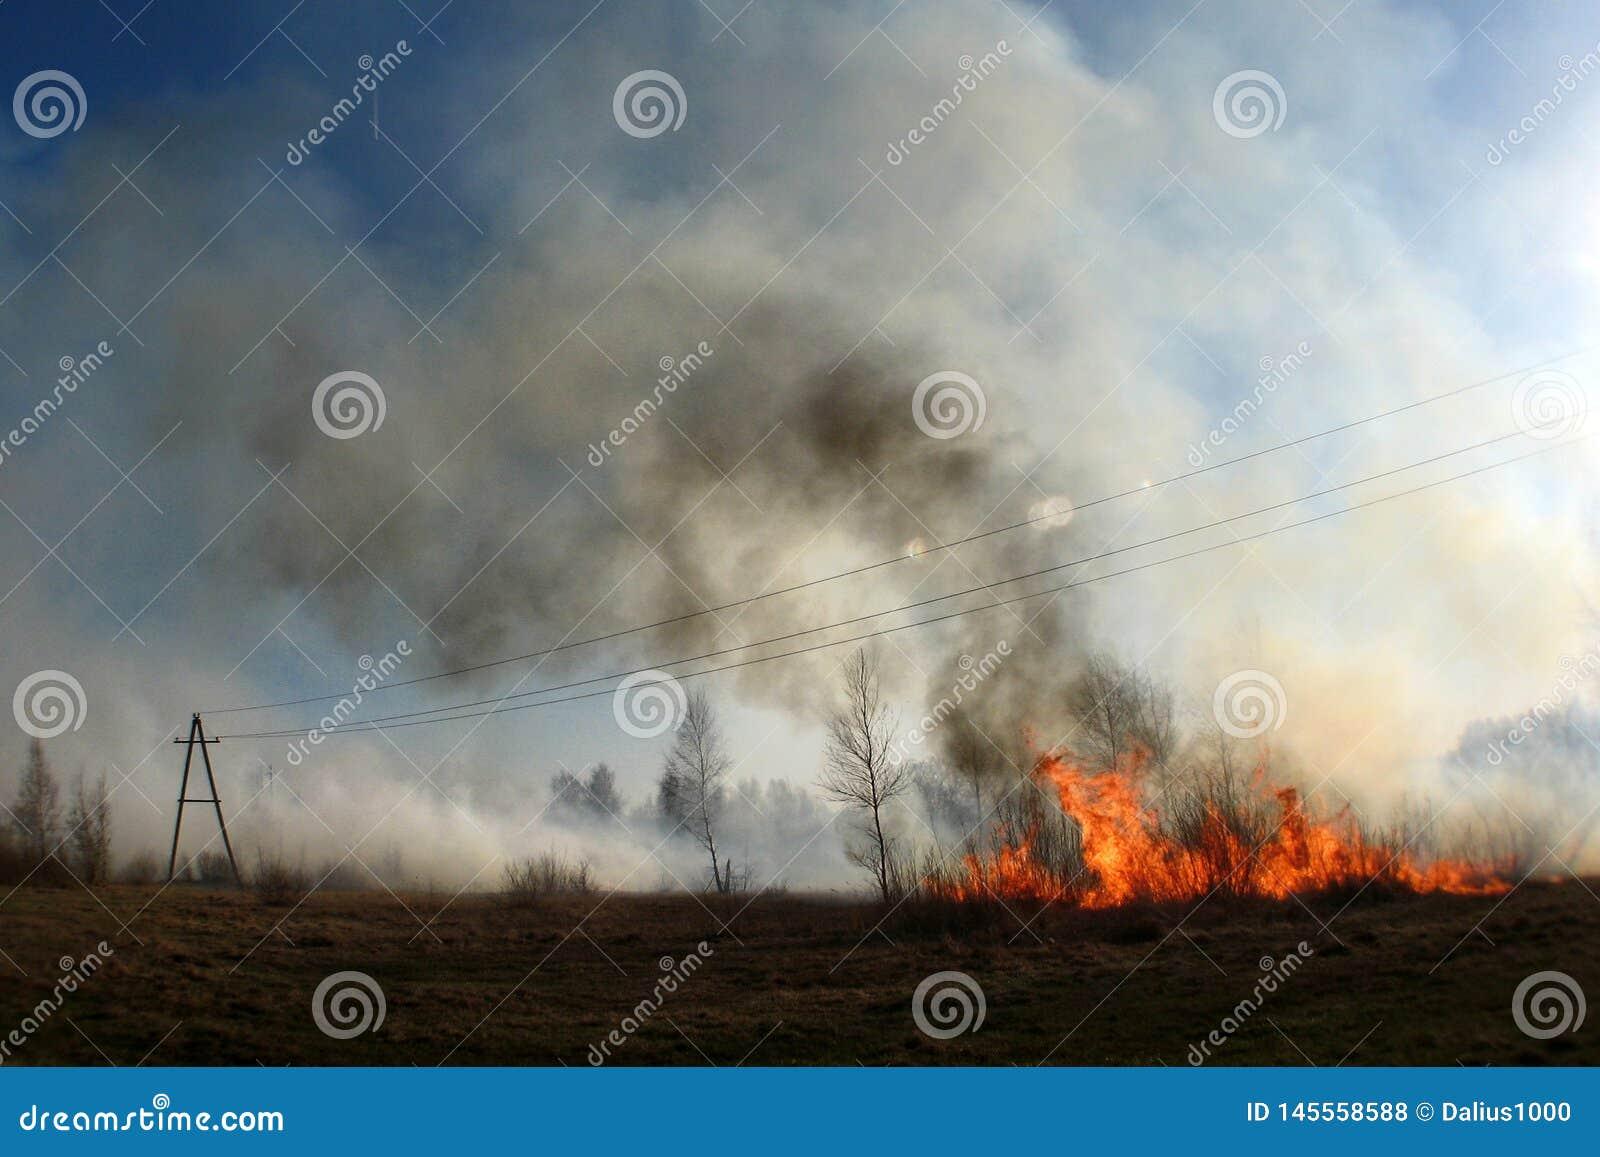 Brennen des Strohs auf dem Feldrauche, Feuer